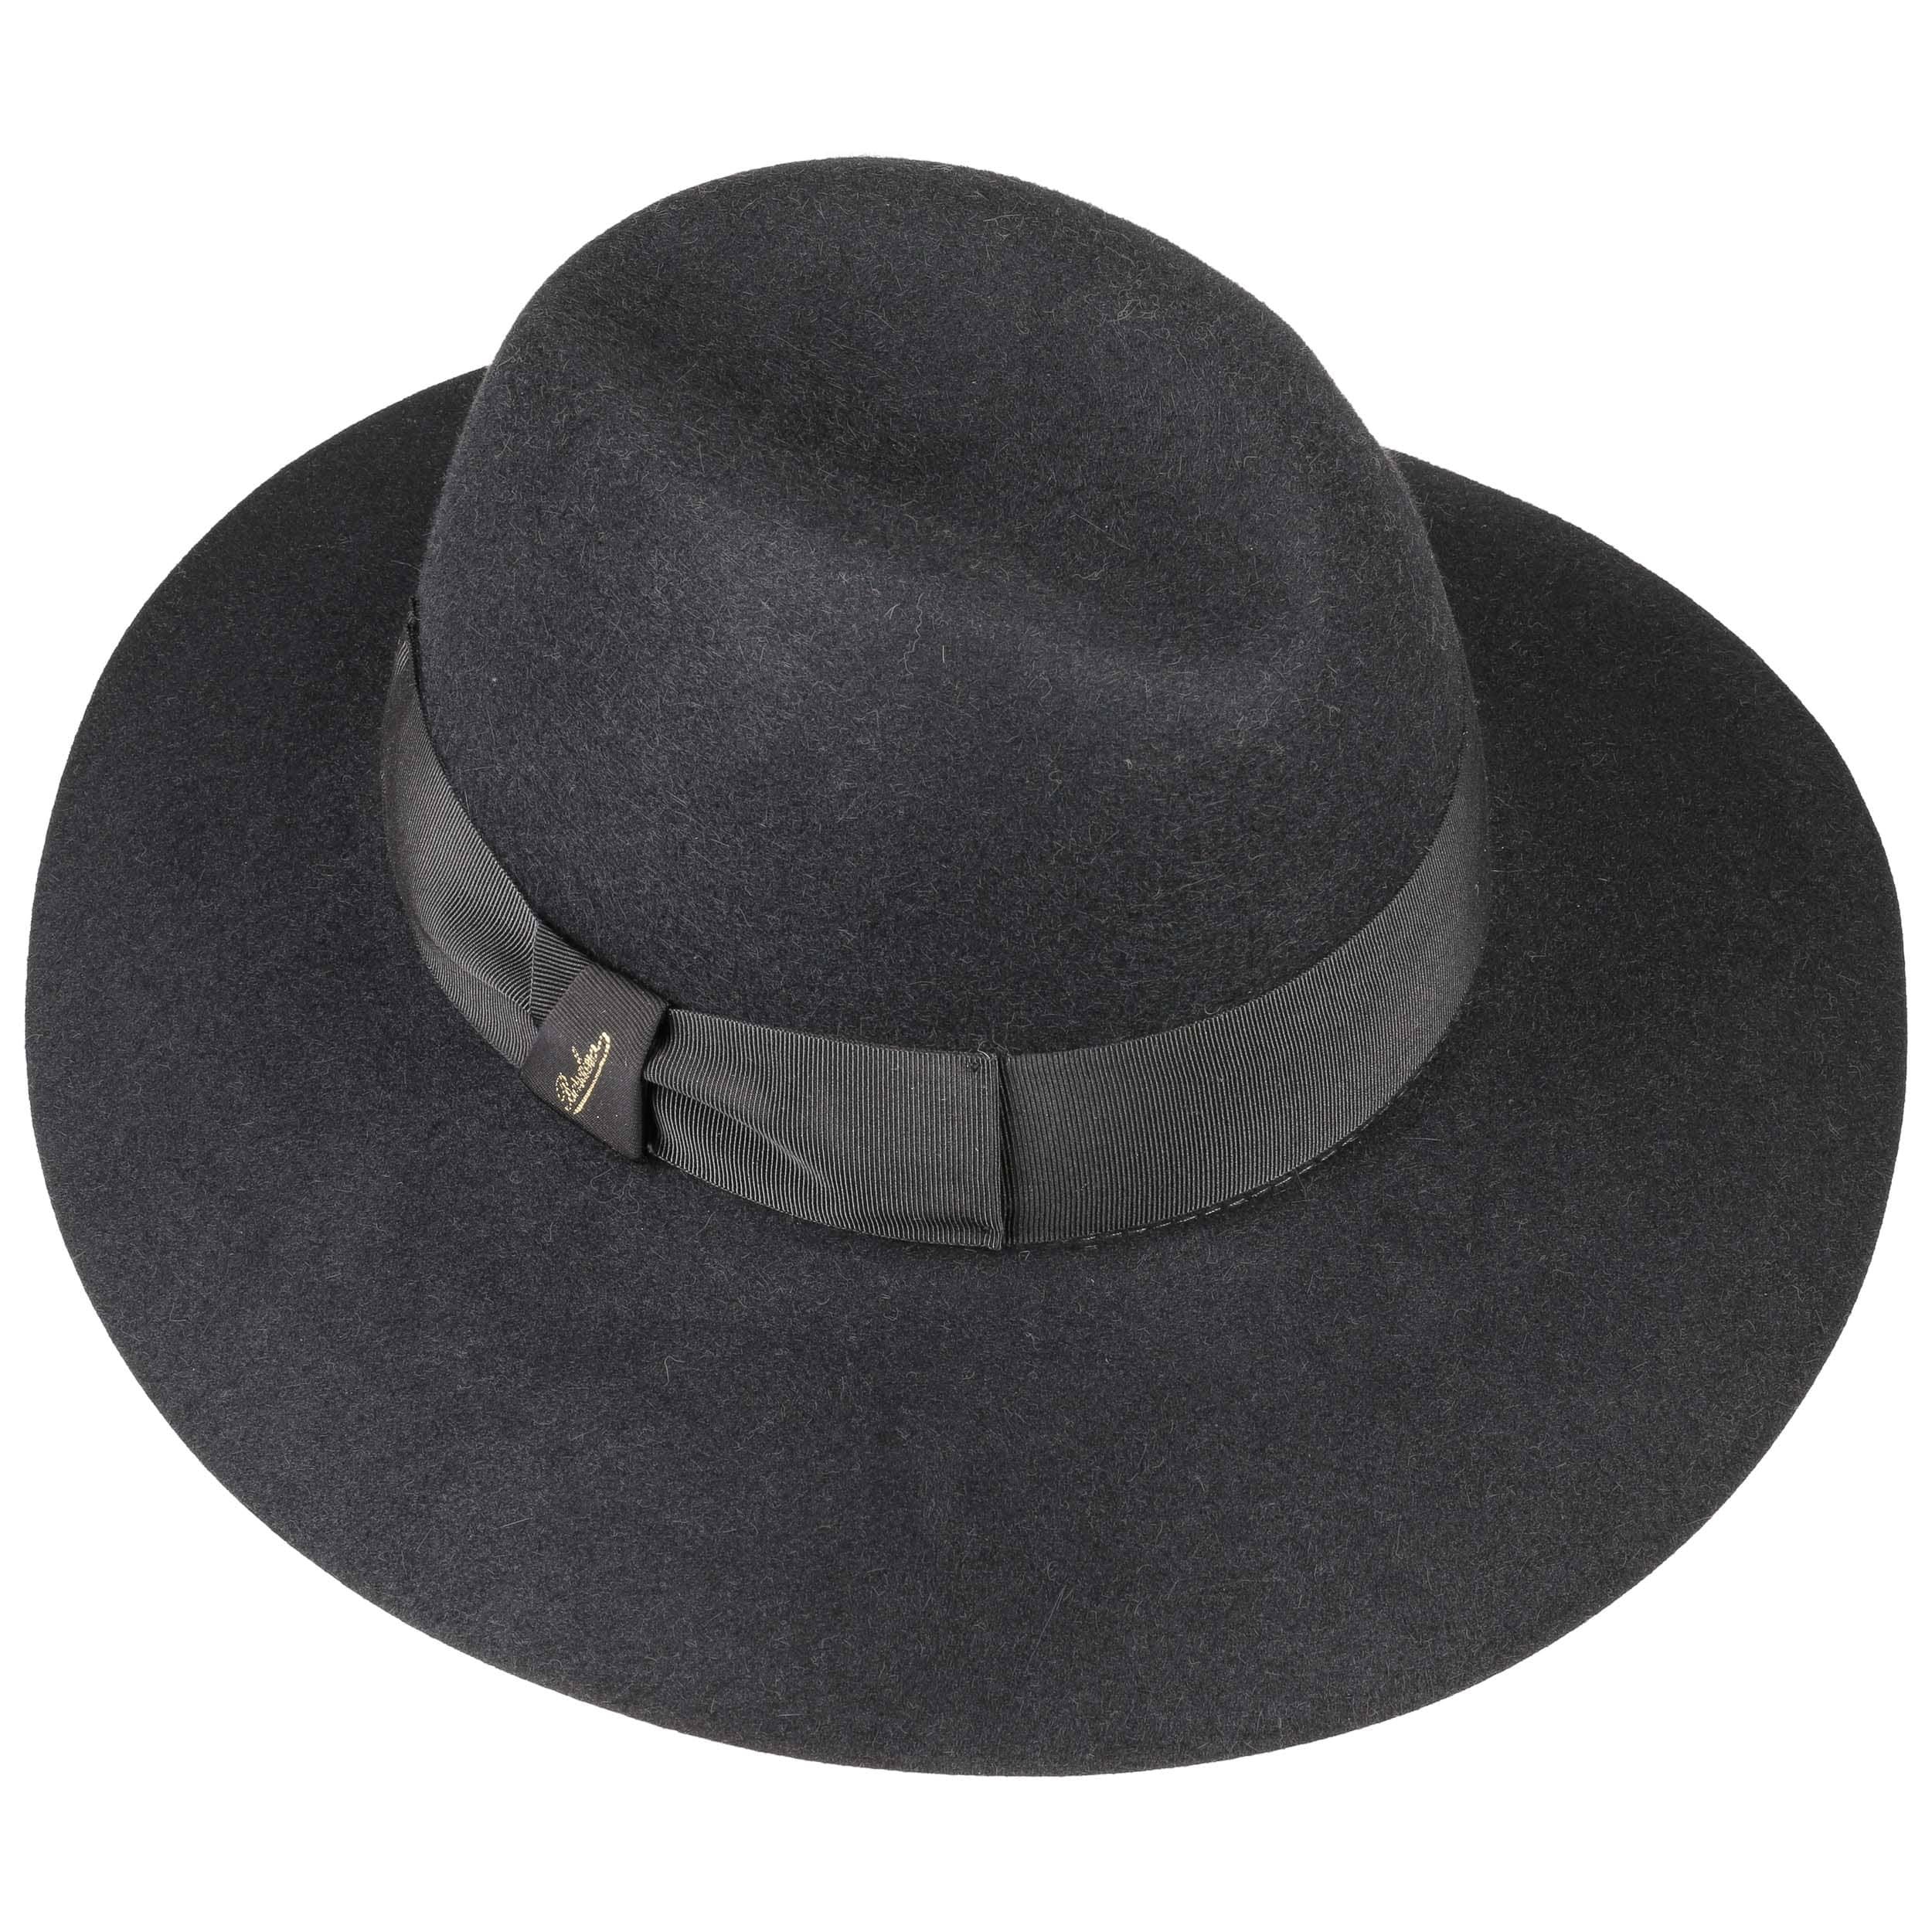 Sombrero de Mujer Carmelita by Borsalino - Sombreros - sombreroshop.es 0b436c65a824